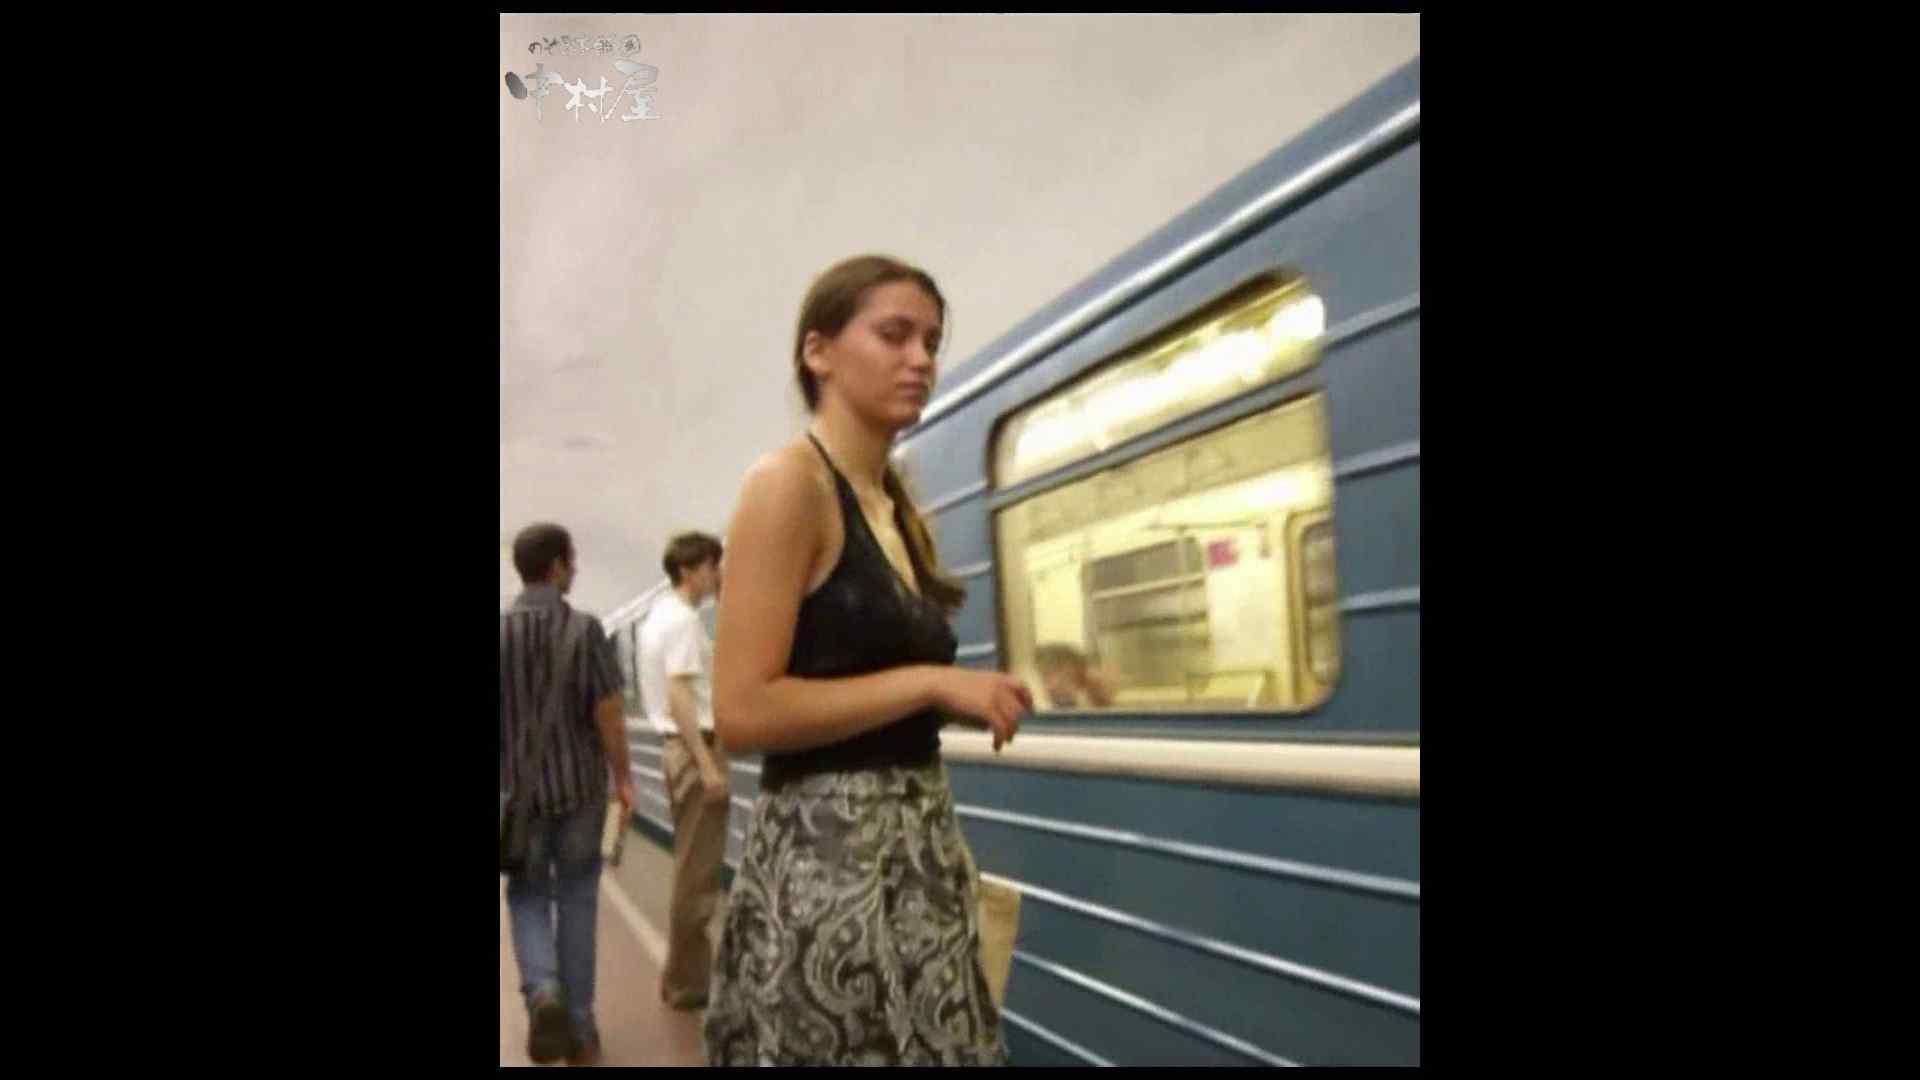 綺麗なモデルさんのスカート捲っちゃおう‼ vol08 お姉さんのエロ動画 | 0  91PIX 17